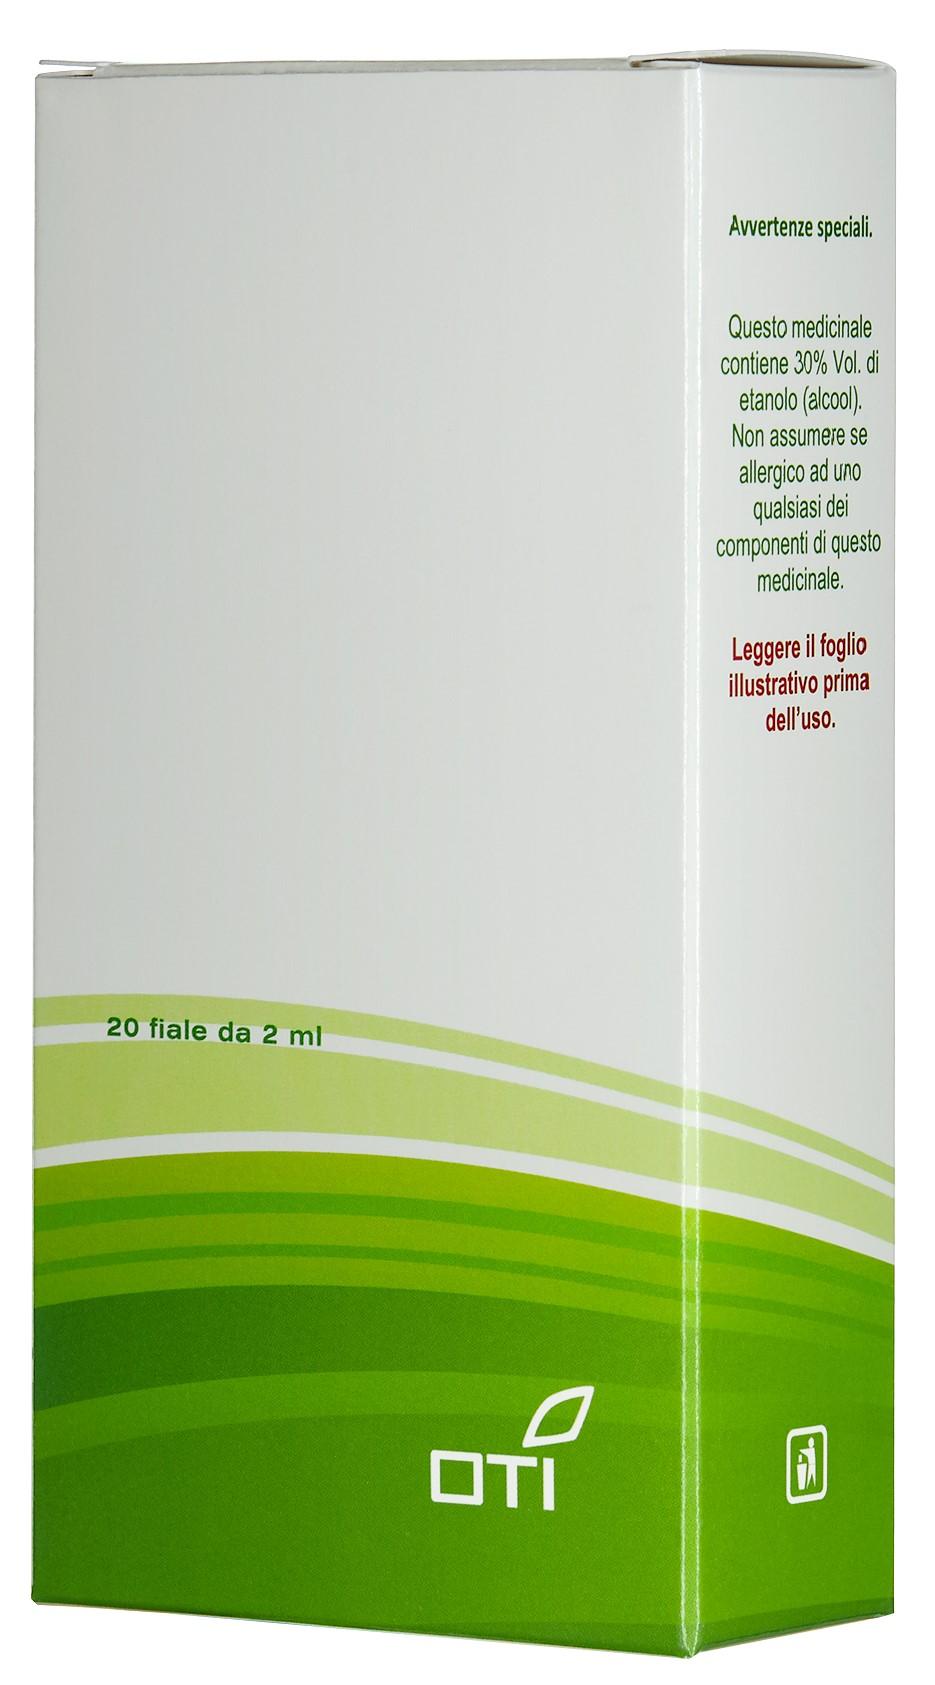 ANTI CD 11B*018LM PL 20F 2ML - Parafarmacia la Fattoria della Salute S.n.c. di Delfini Dott.ssa Giulia e Marra Dott.ssa Michela